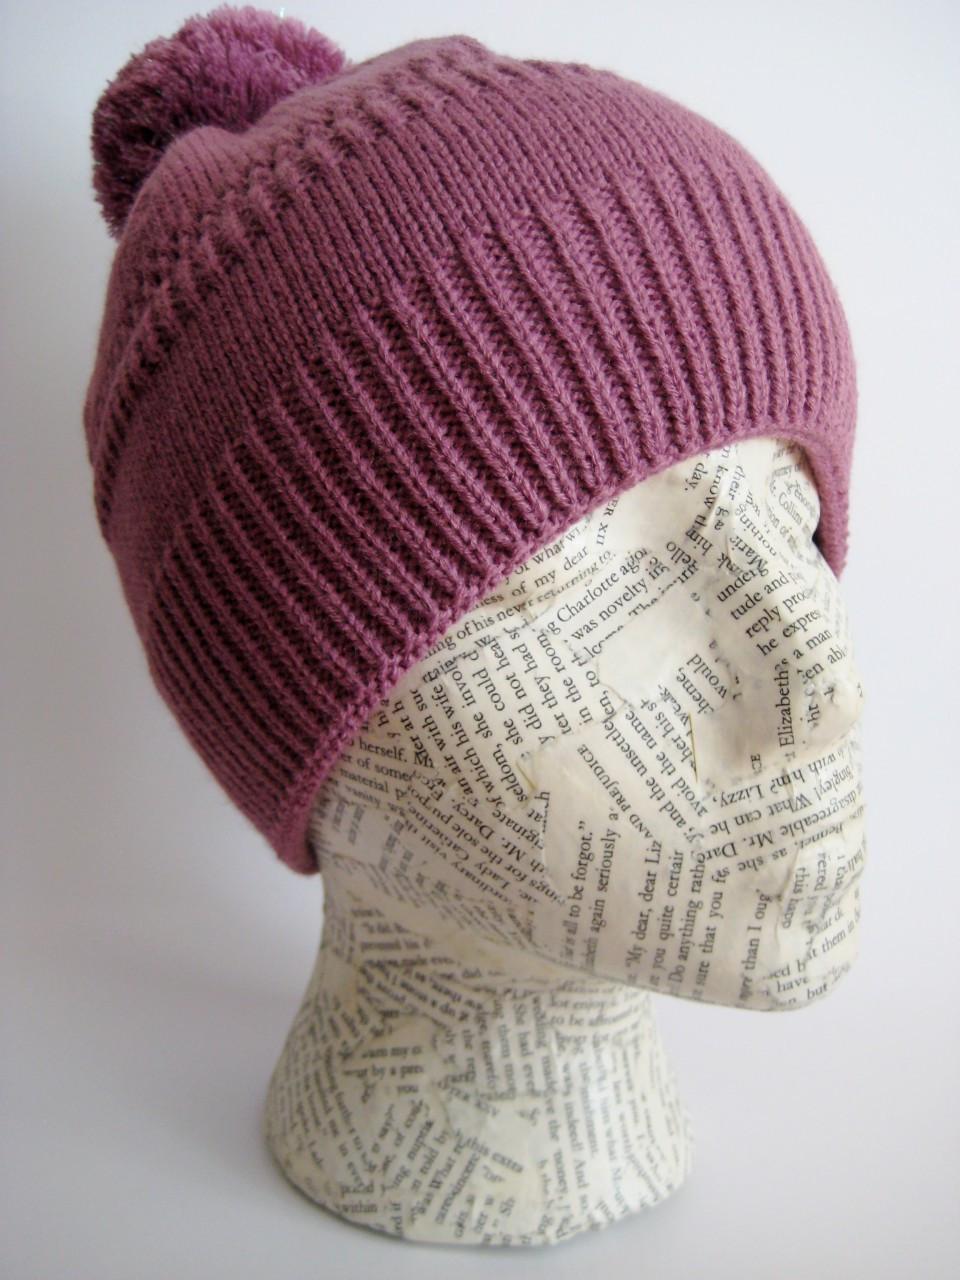 Winter ski hat for women and girls. Loading zoom. Winter ski hat ... 76e10af8911